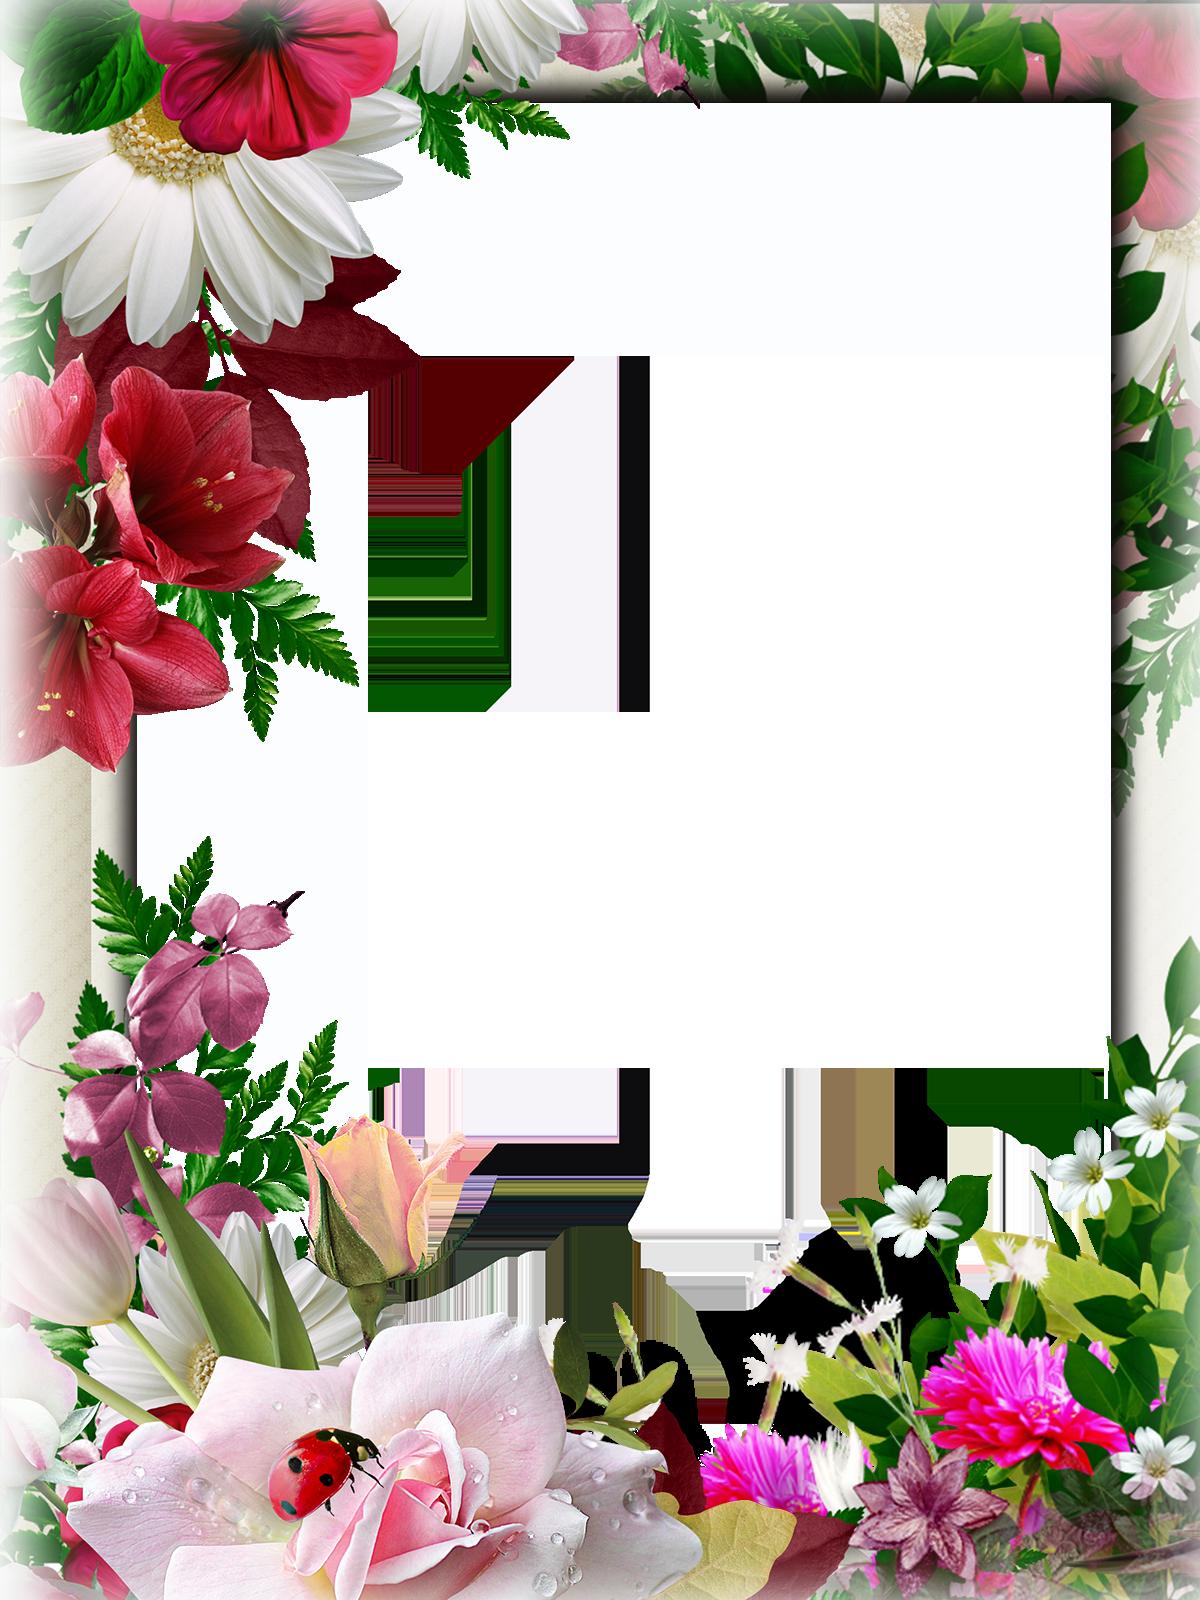 Рамка красивая для поздравления с днем рождения, нарисованная